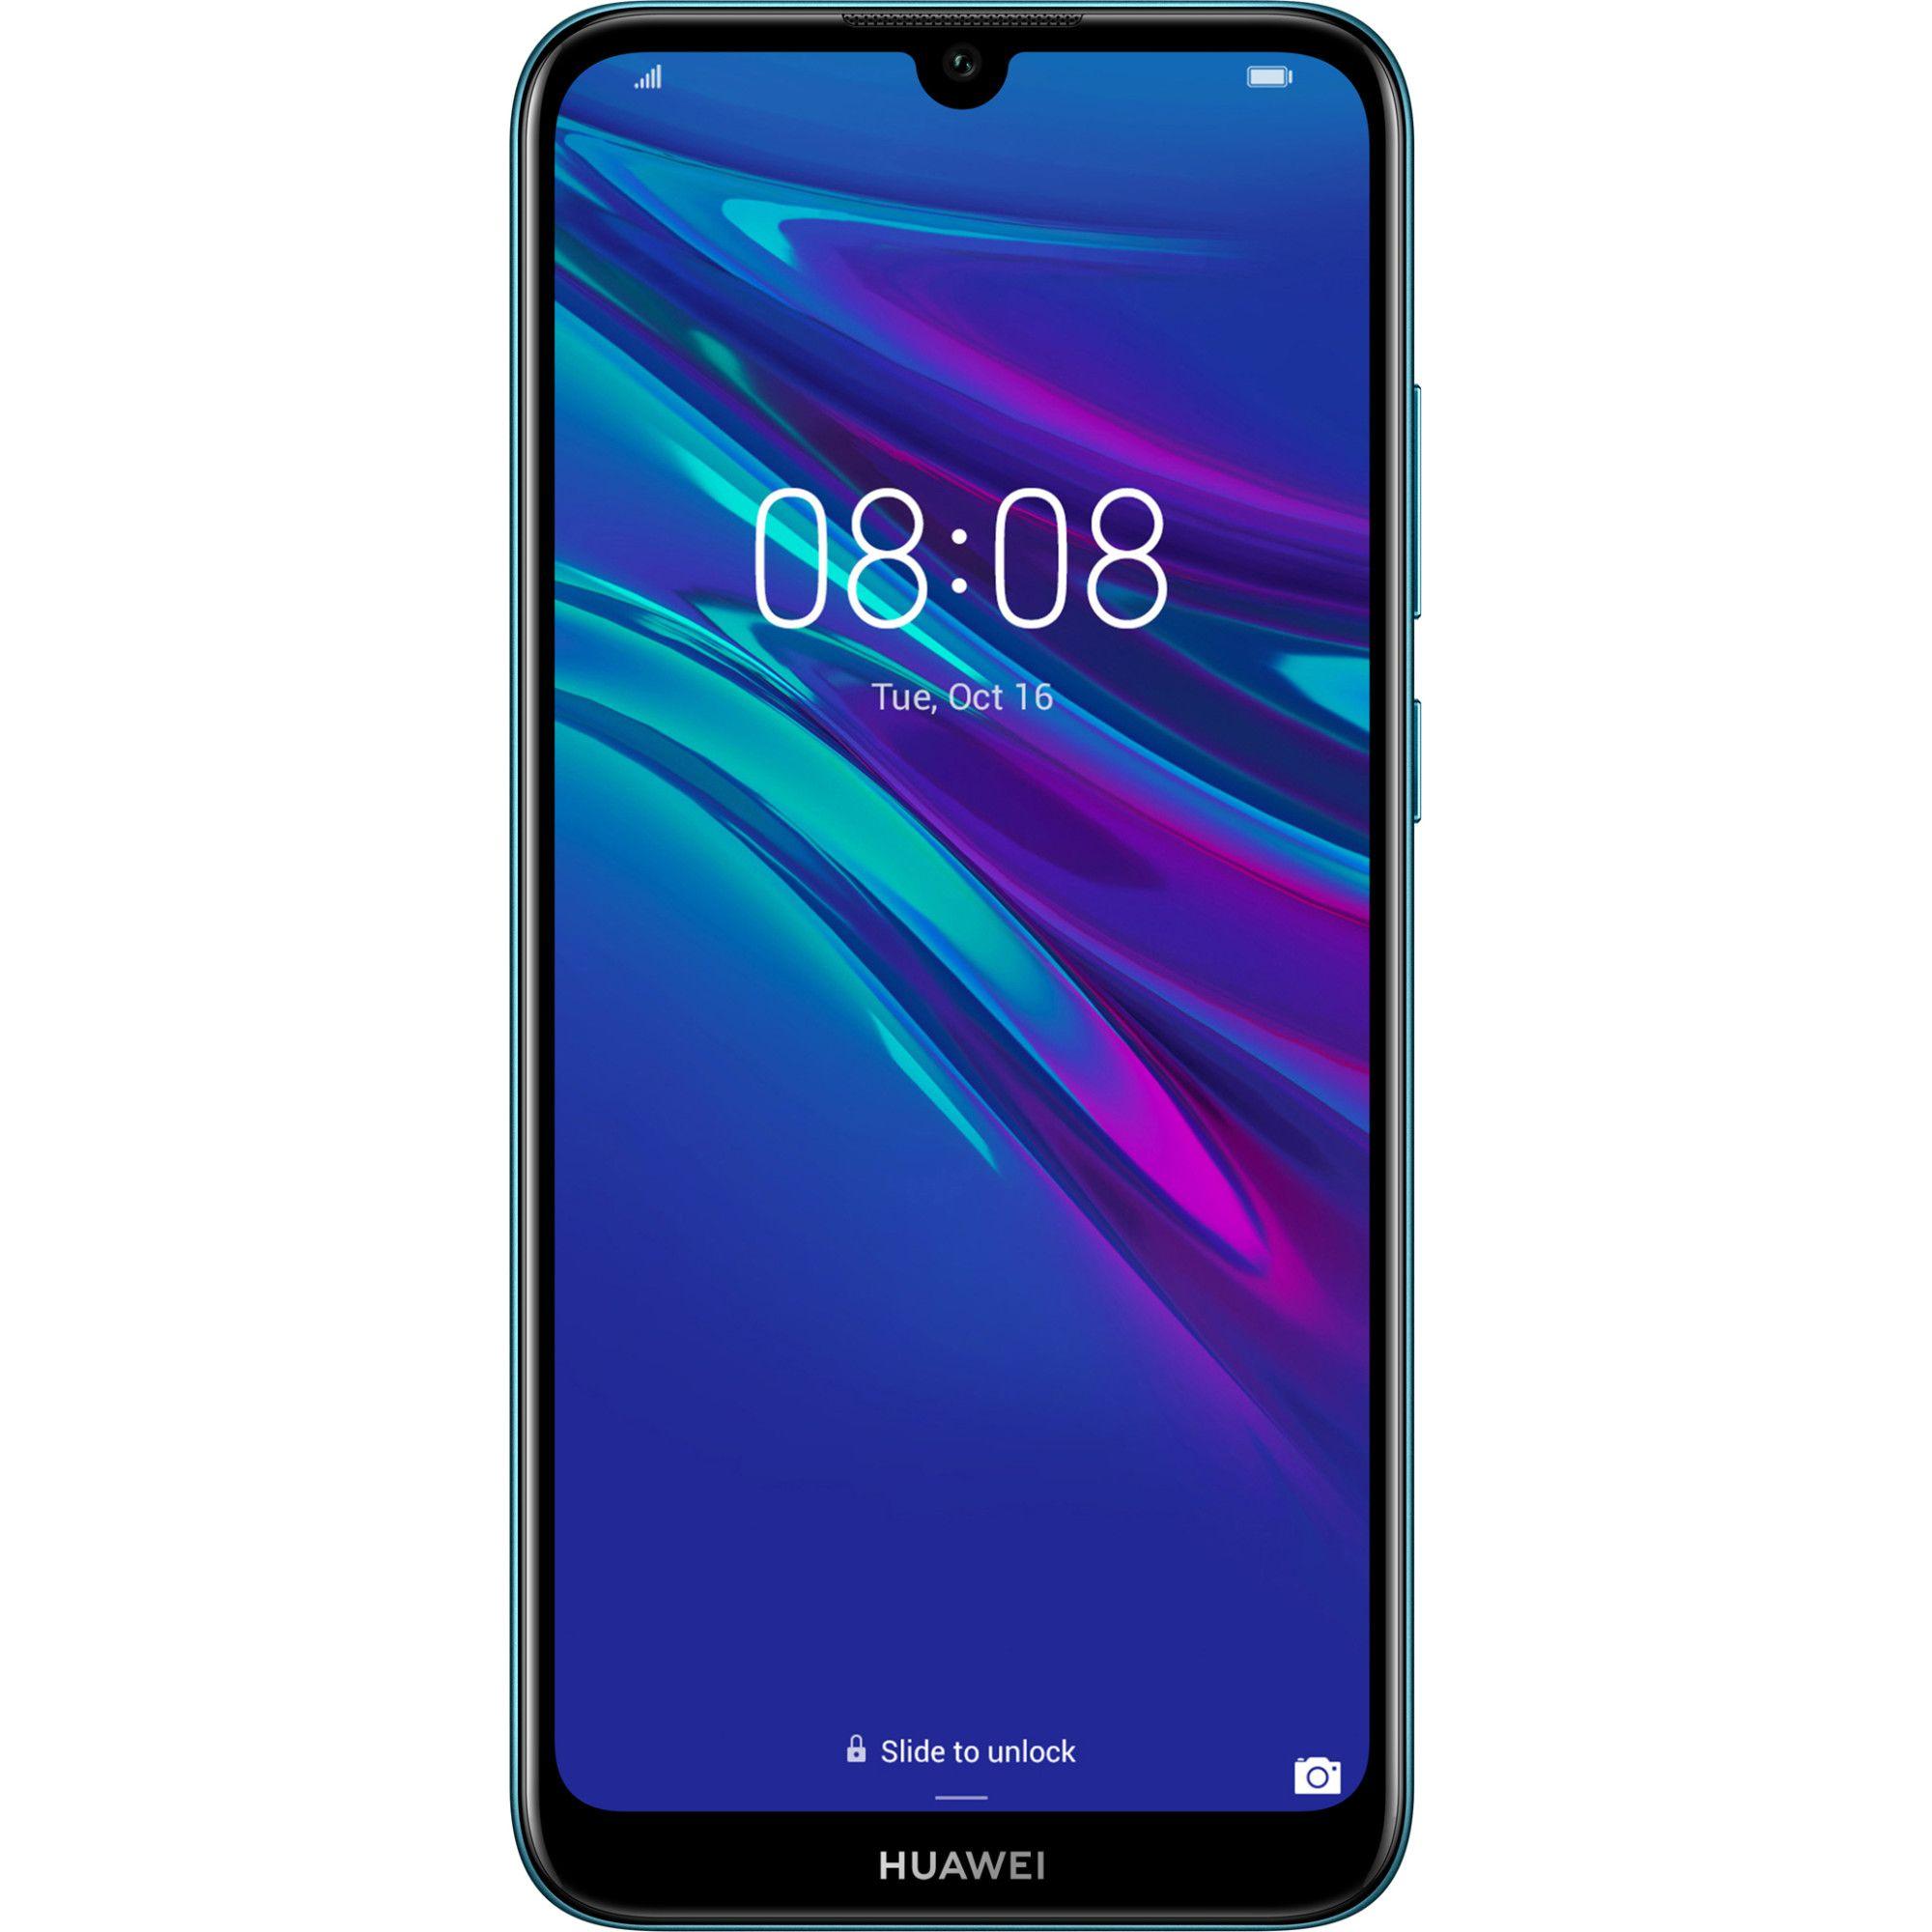 Telefon Mobil Huawei Y6 (2019) 32GB Flash 2GB RAM Dual SIM 4G Sapphire Blue